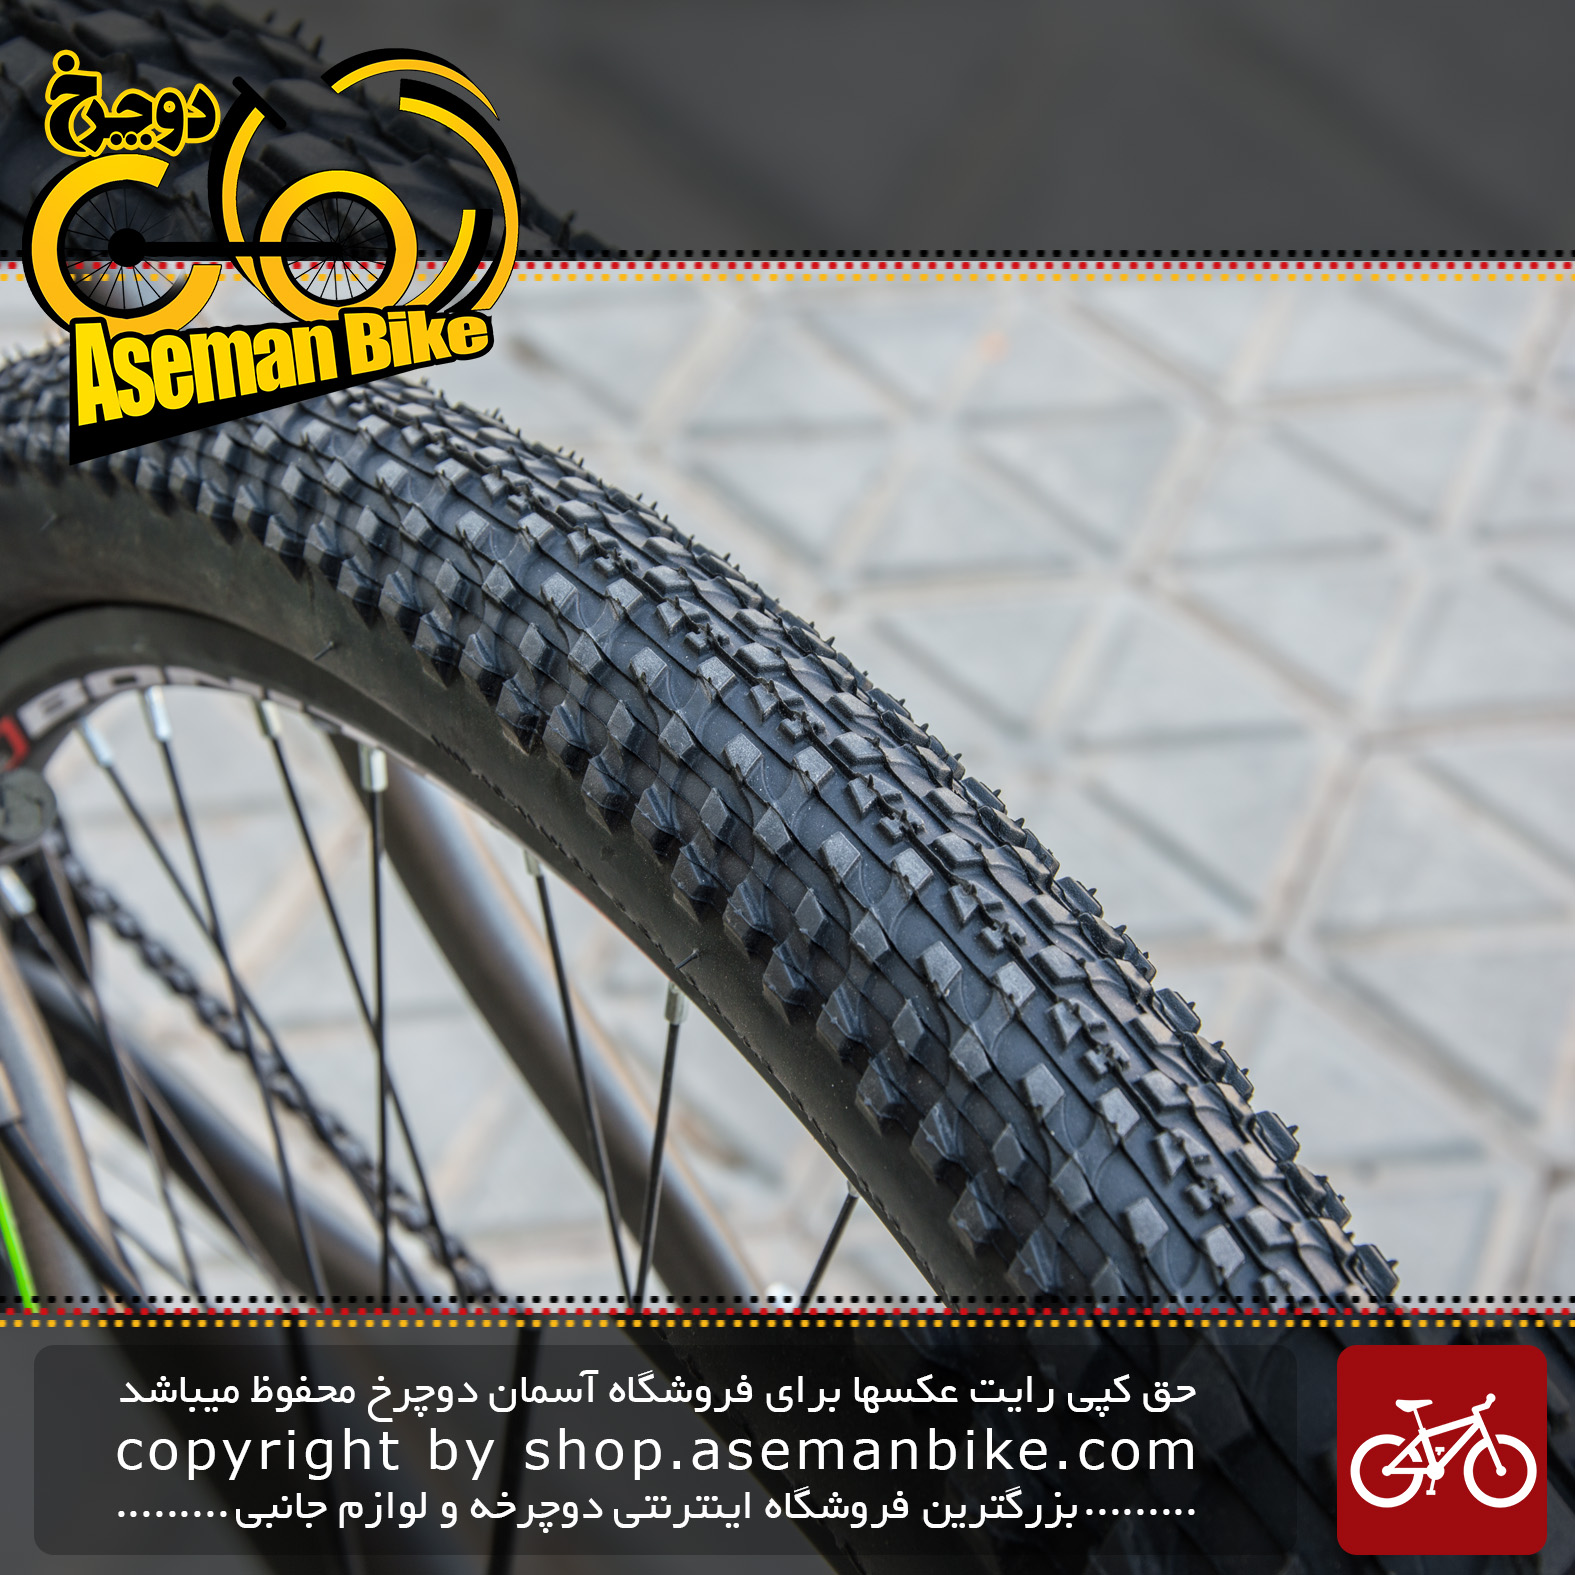 دوچرخه کوهستان شهری بونیتو سایز 26 مدل استرانگ 2 دیسک Bonito Bicycle Strong 26 2 Disc